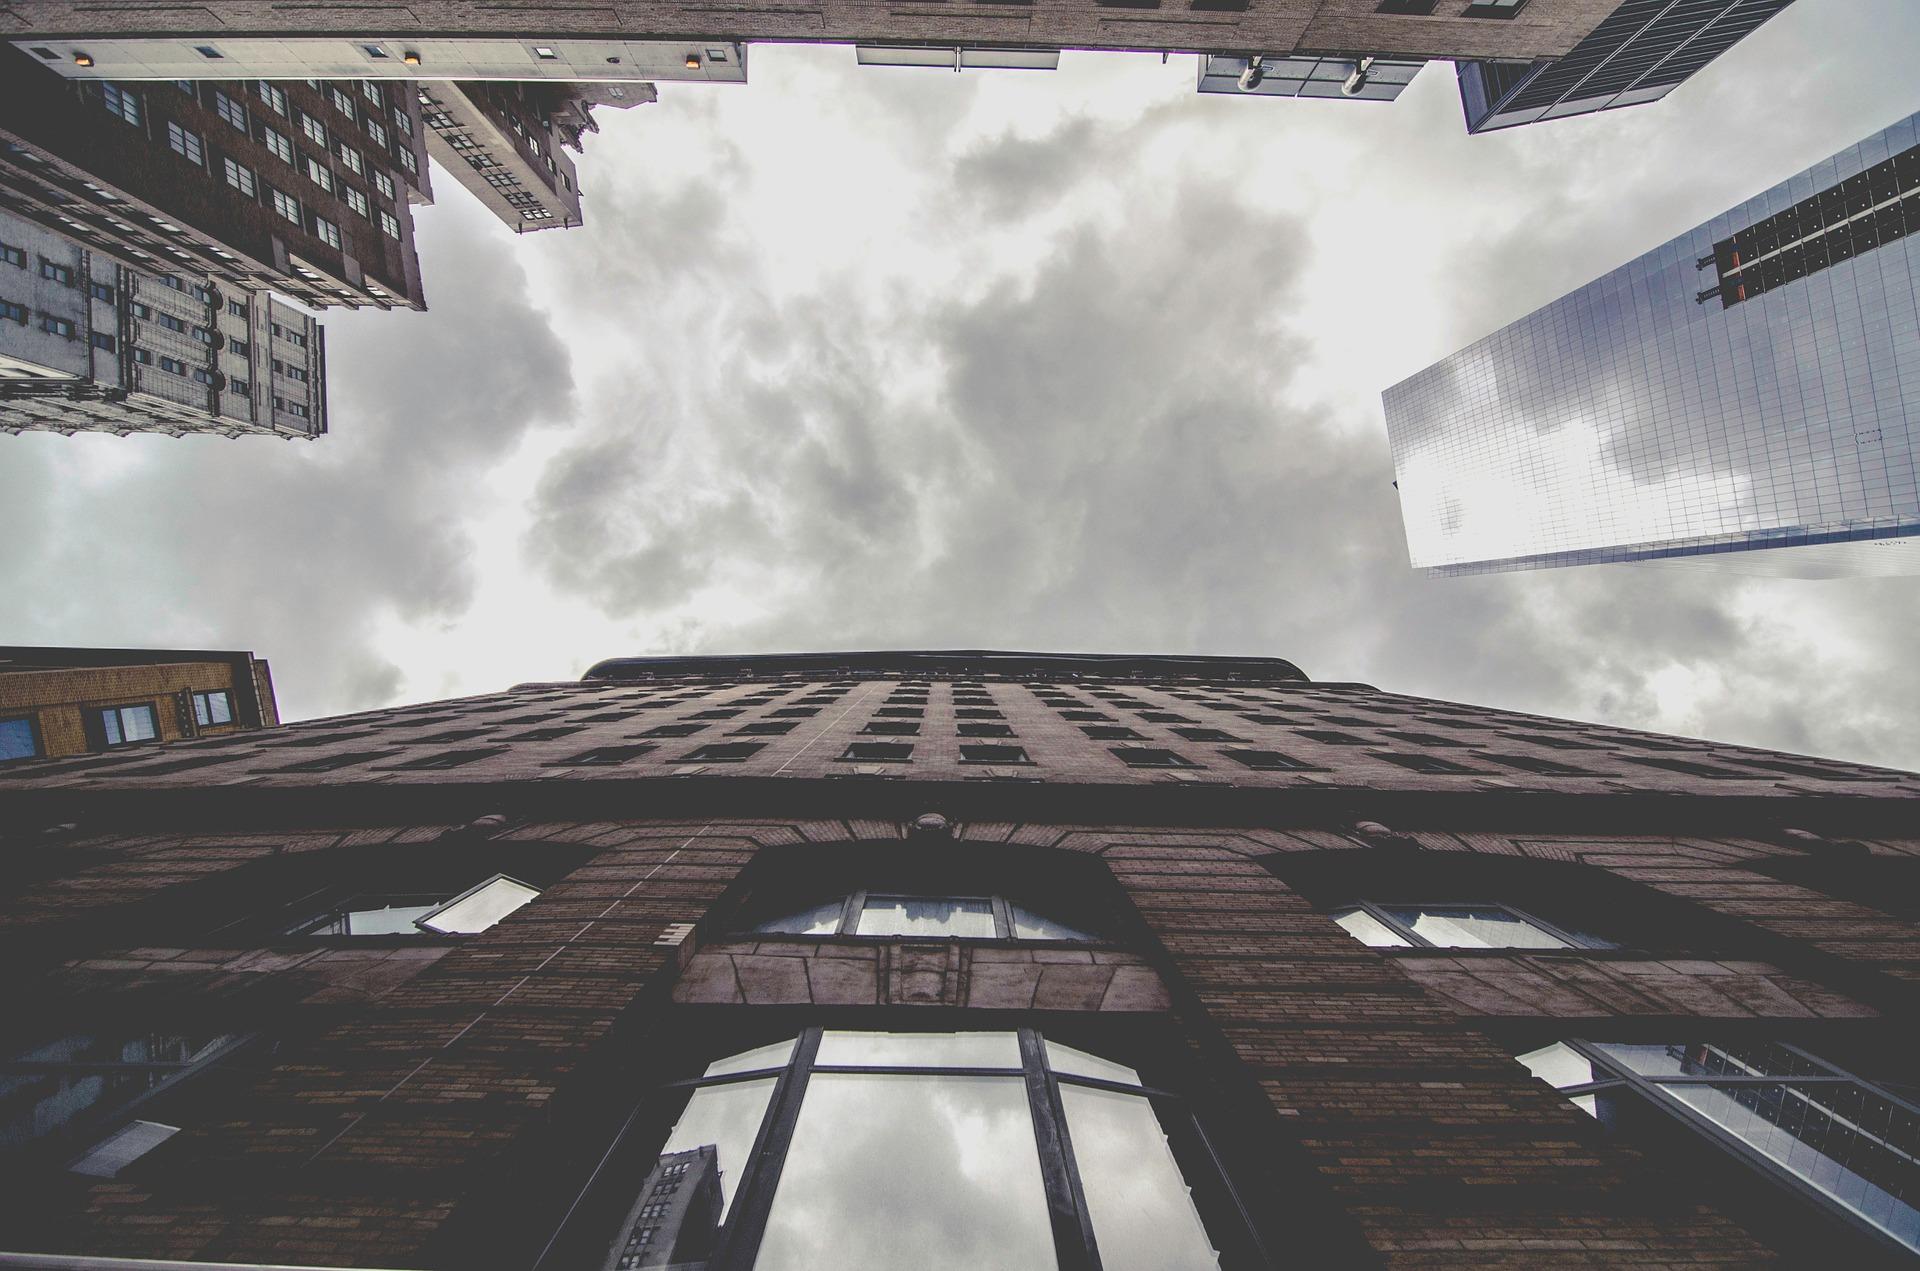 buildings-1209690_1920